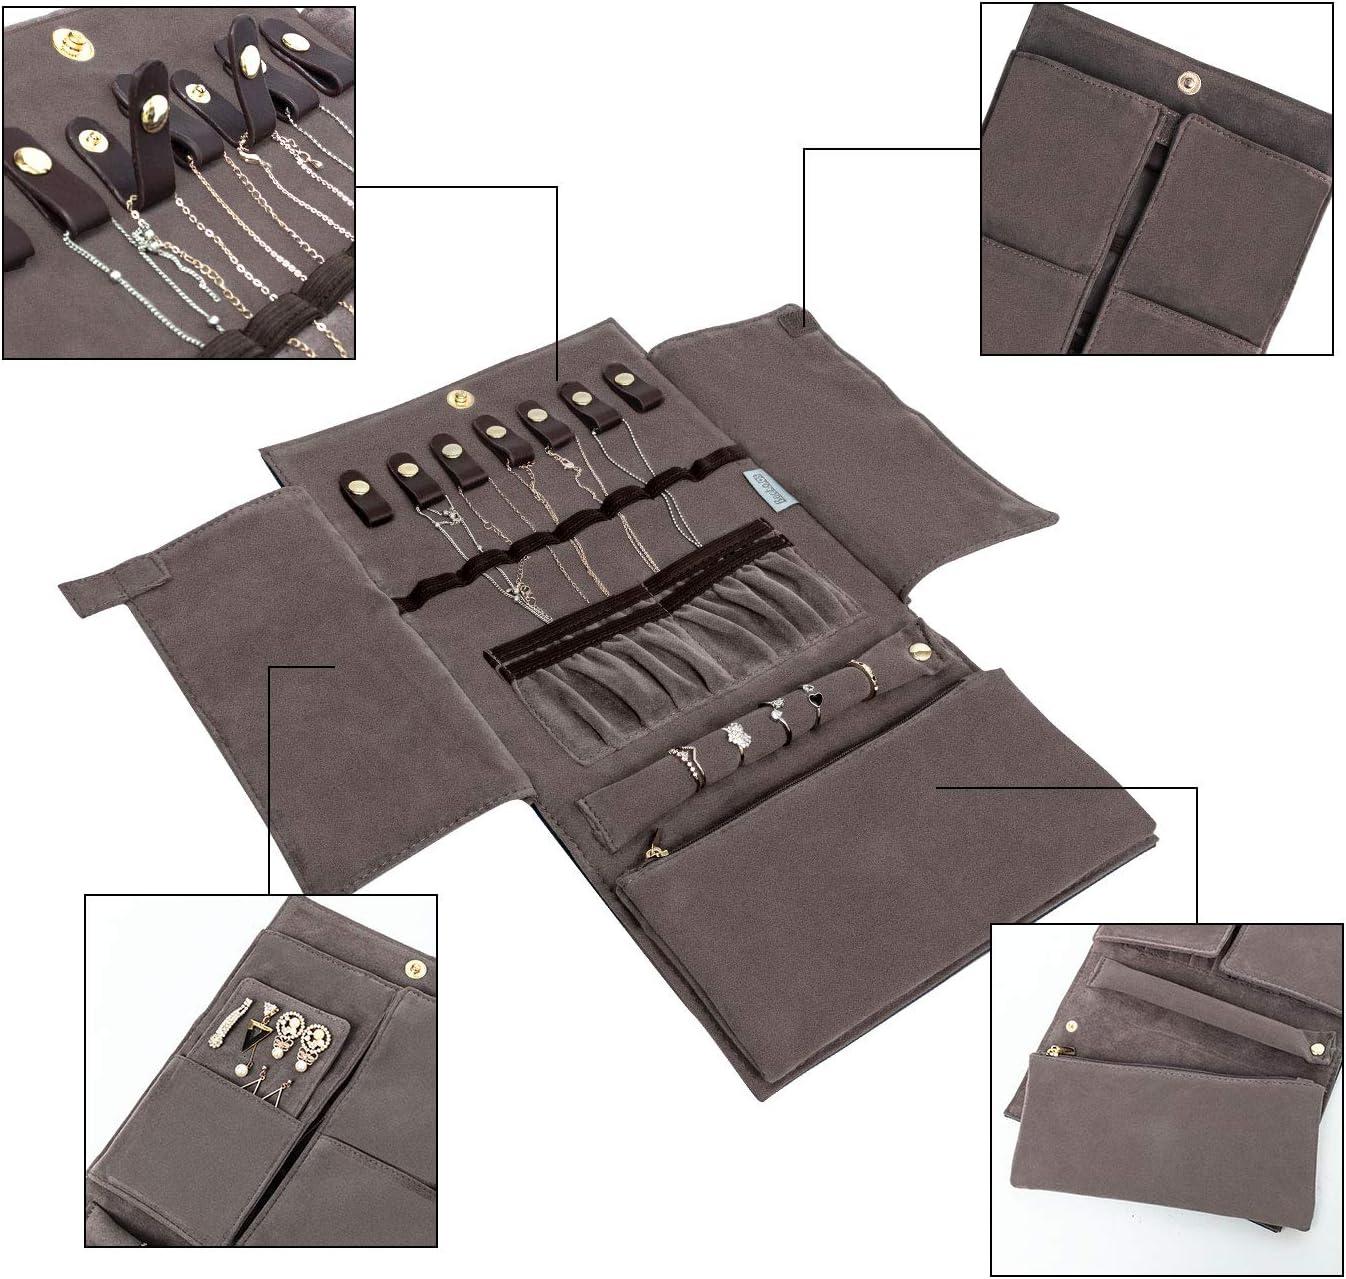 gran capacidad sin arrugas Becko cuero flexible y ante pulseras anillos ligero port/átil y pr/áctico Organizador de joyas para m/últiples collares